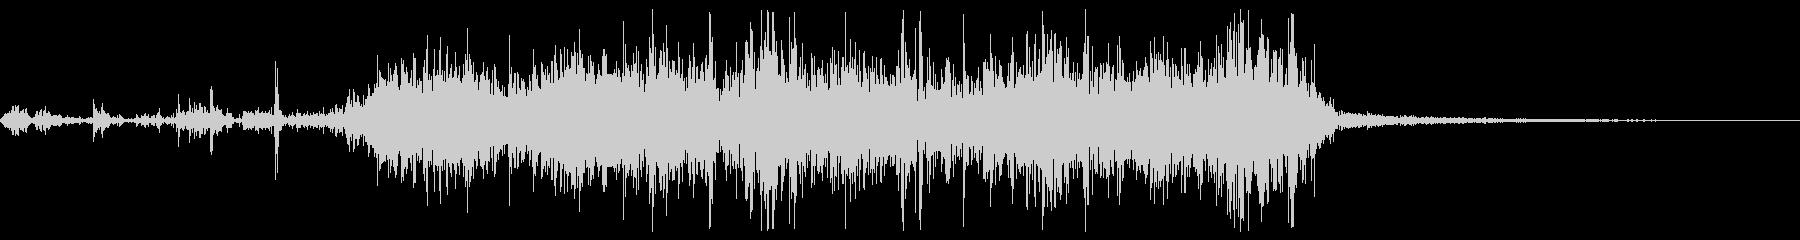 グリティメタリックスクラップ、フォリーの未再生の波形